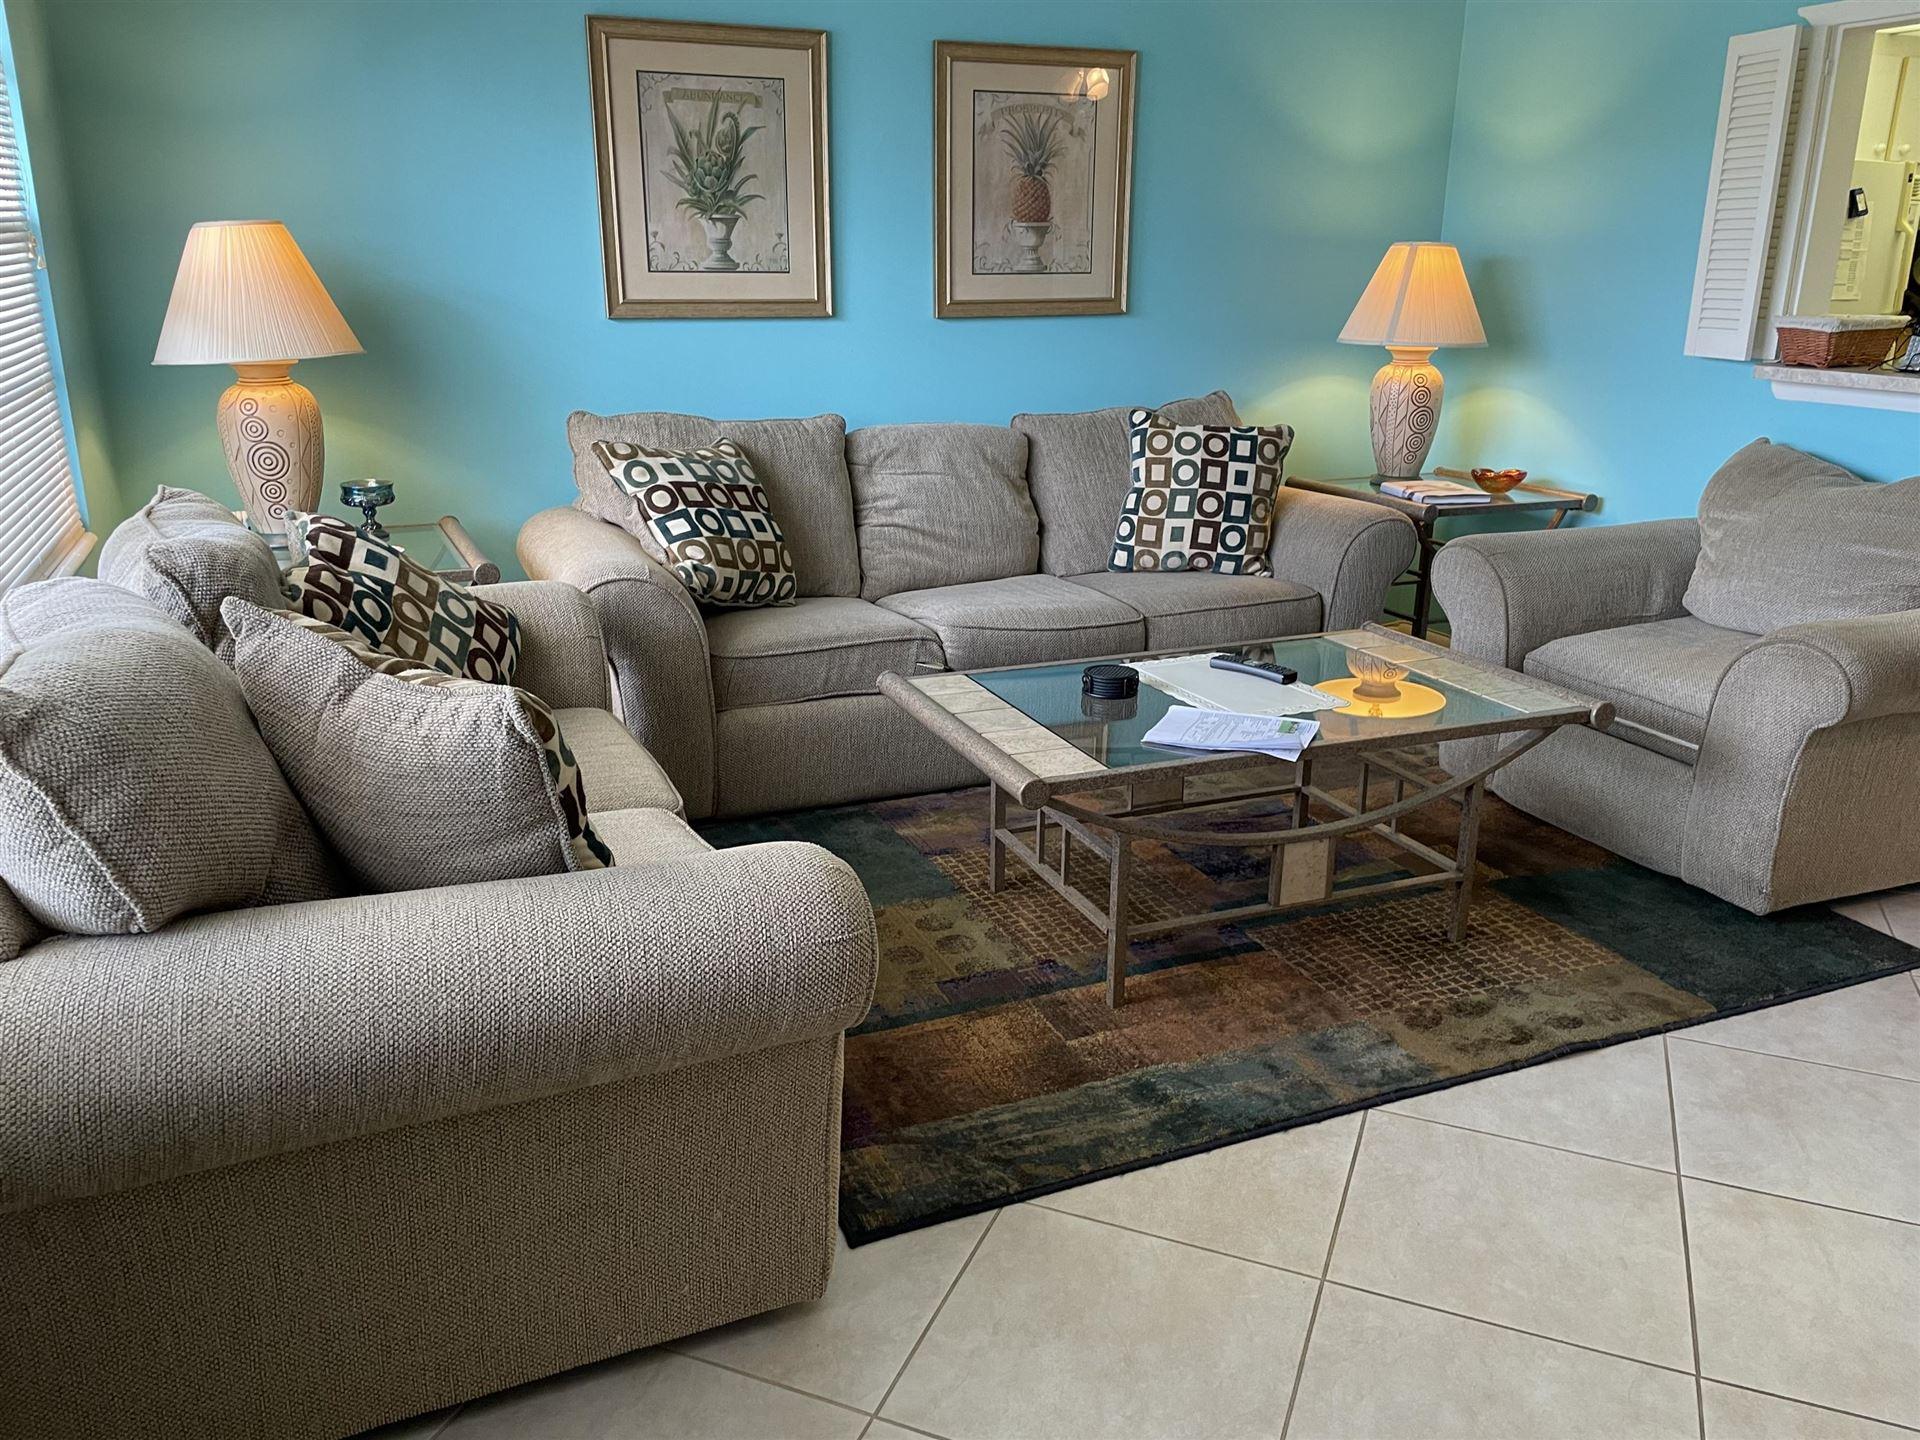 479 Mansfield L, Boca Raton, FL 33434 - MLS#: RX-10715843